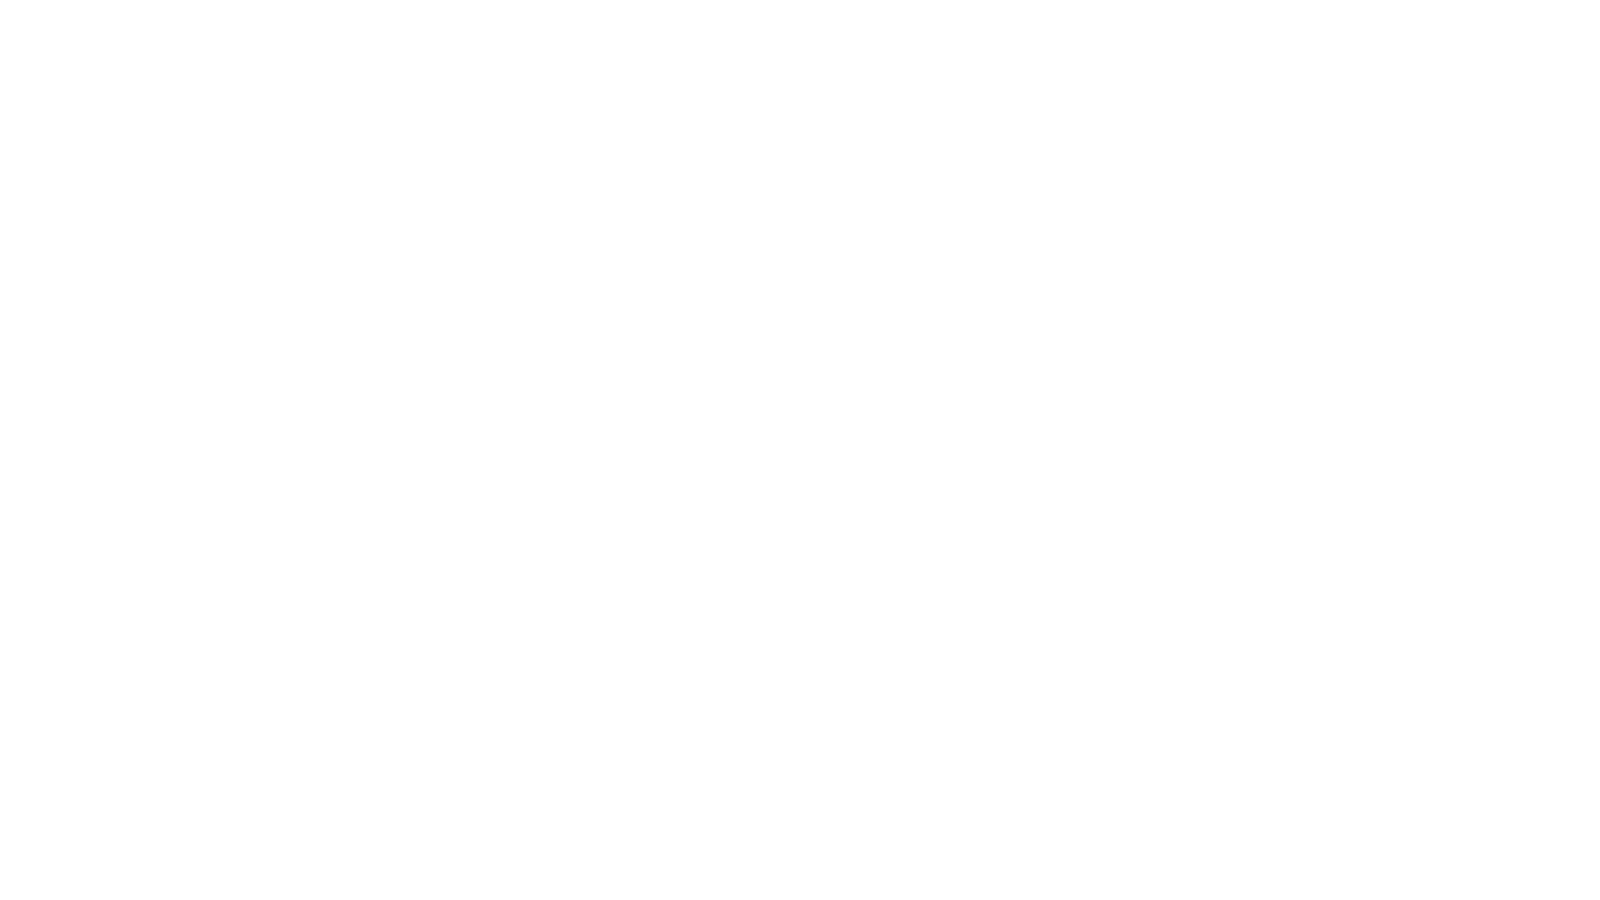 Godox AD600BM、AD600Pro、AD300Pro、MONOSTAR C4、Profoto B1、broncolor siros  4社のストロボを 1. 色温度(出力による変化) 2. 閃光速度(簡易版) 3. モデル実写(光質) の3つの項目でテストしました。 お借りしたProfoto B1に不慣れでなぜか3段しか落とせず、厳密なテストにはなっていません。(D2を貸していただける方募集)   富永秀和 Website https://sonnar3.net/  [Instagram] 富永秀和(カメラマン) https://www.instagram.com/hidekazutominaga/ 岩川芳信(カメラマン) https://www.instagram.com/iwakamera/ Haruka(モデル) https://www.instagram.com/haruka_double/